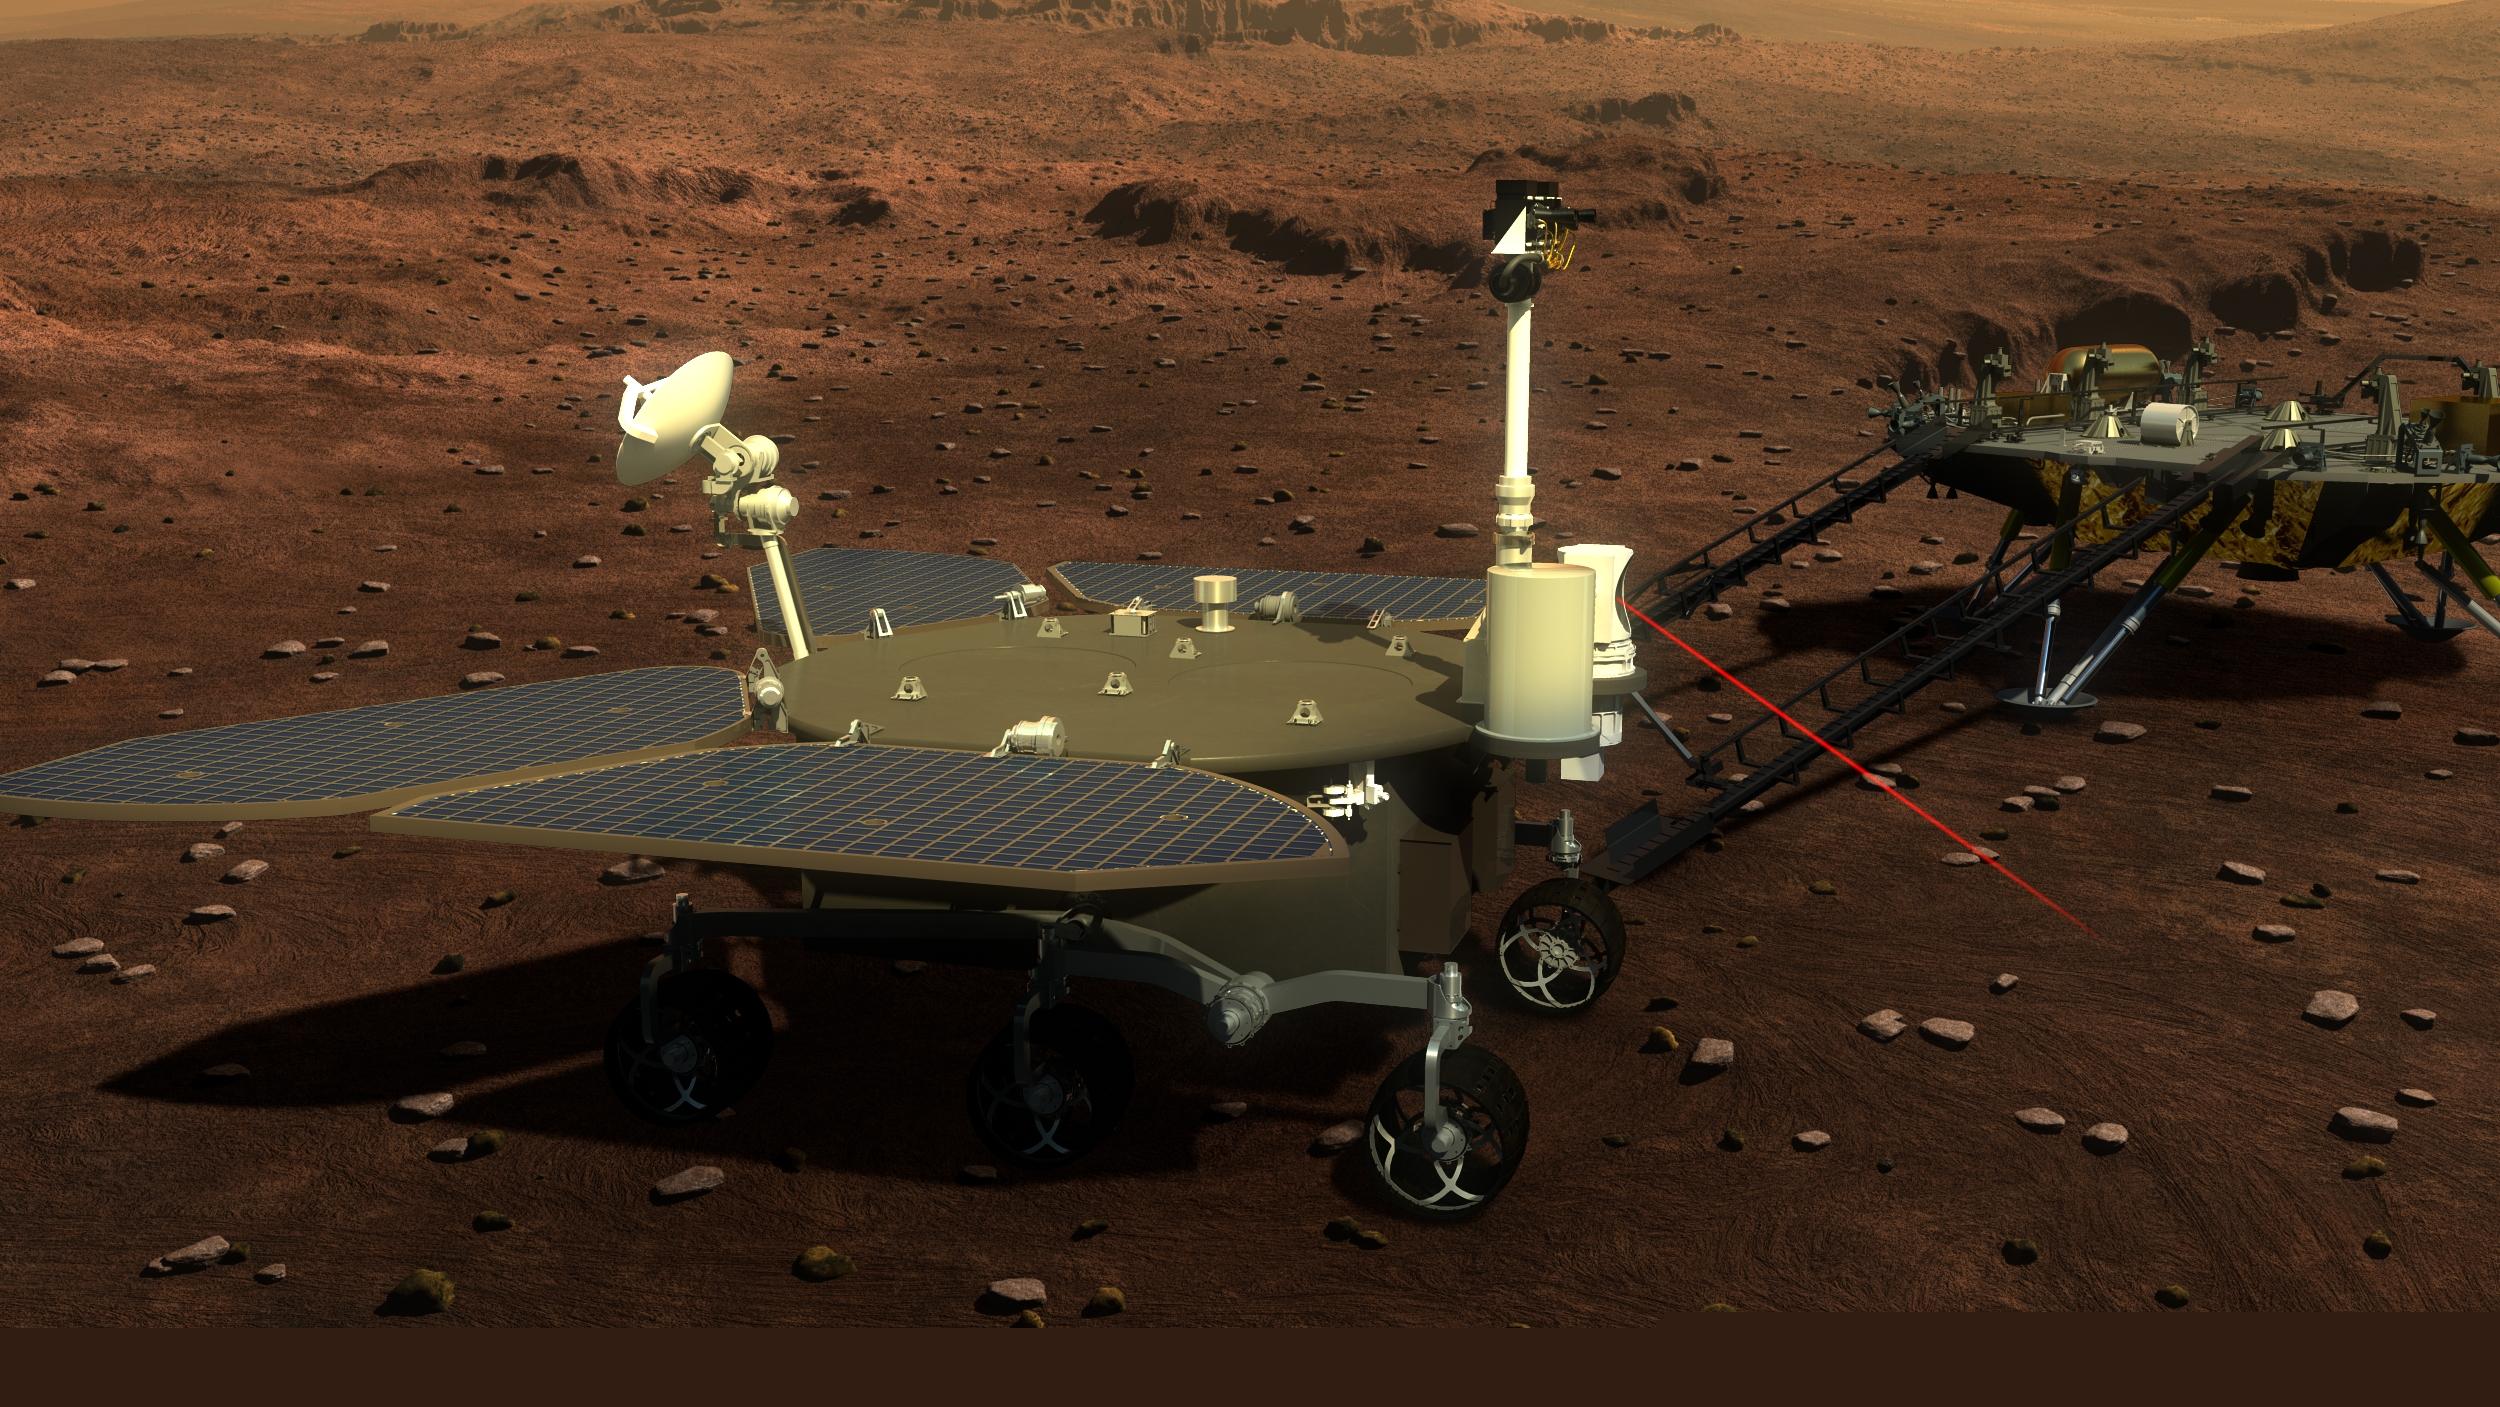 Reproducció artística del vehicle Zhurong explorant la superfície de Mart | Administració Espacial Nacional Xinesa